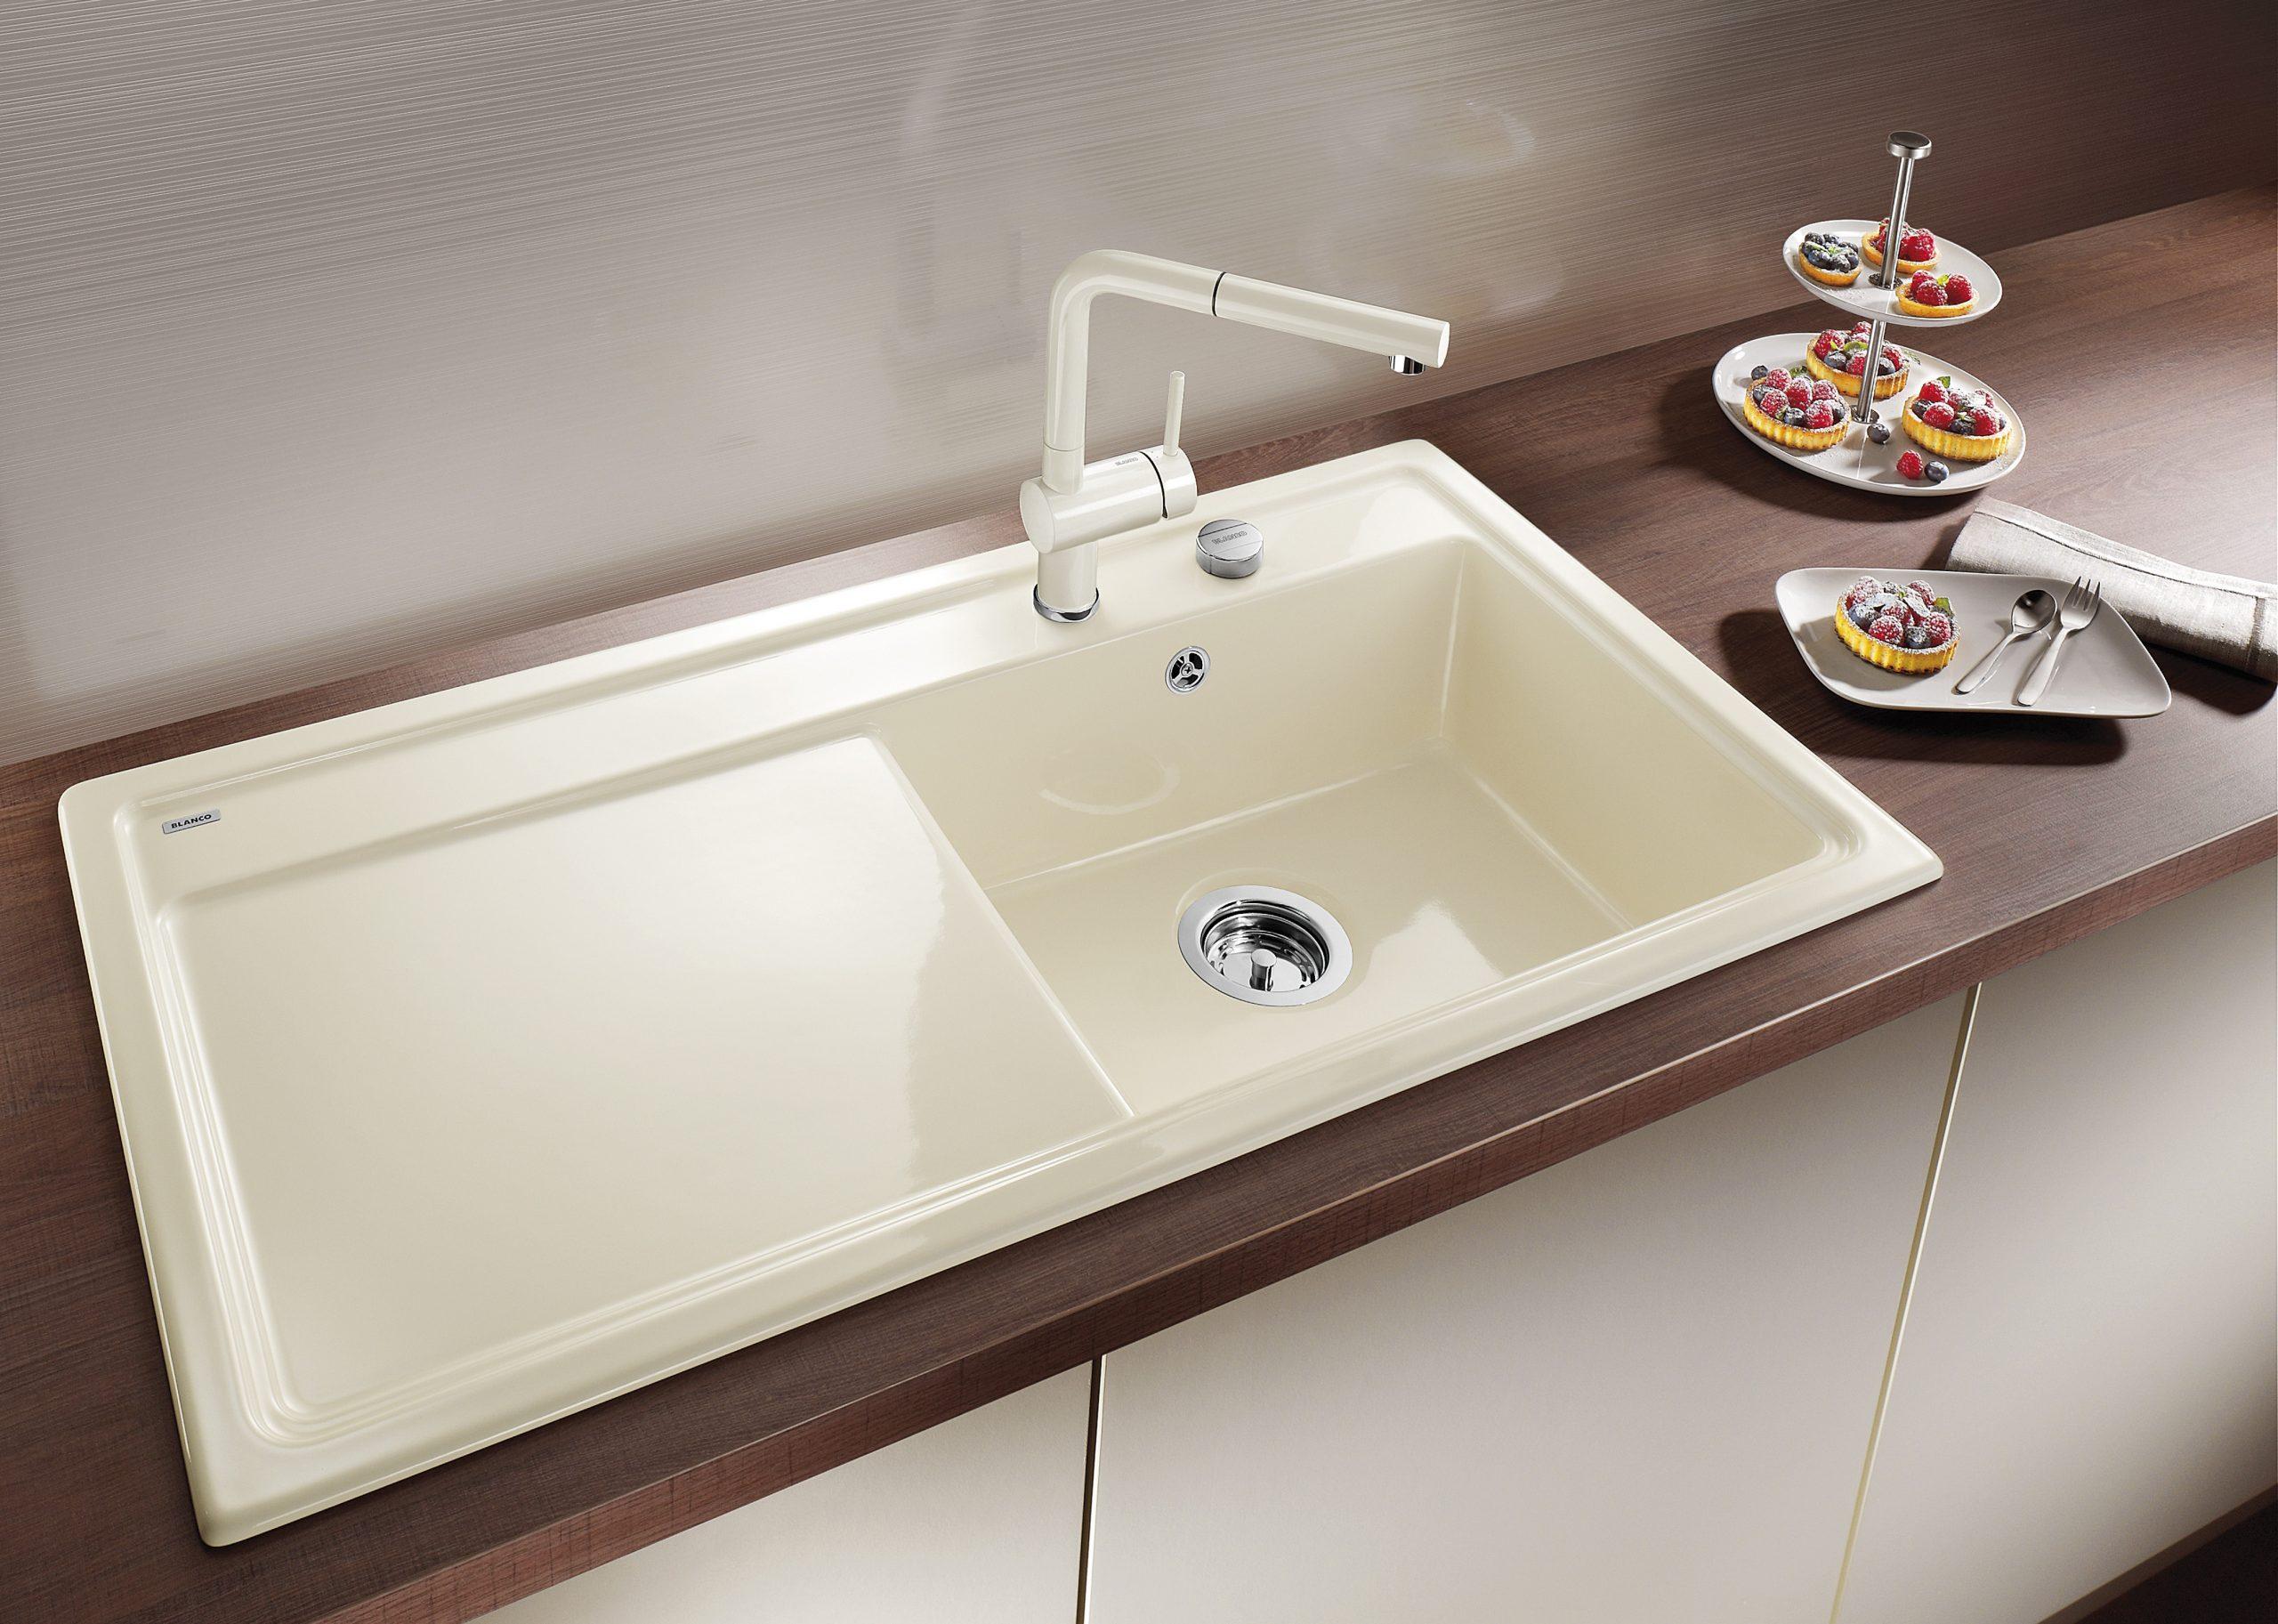 Full Size of Zeitlose Sthetik Mit Modernen Funktionen Blanco Wohnzimmer Magnolia Farbe